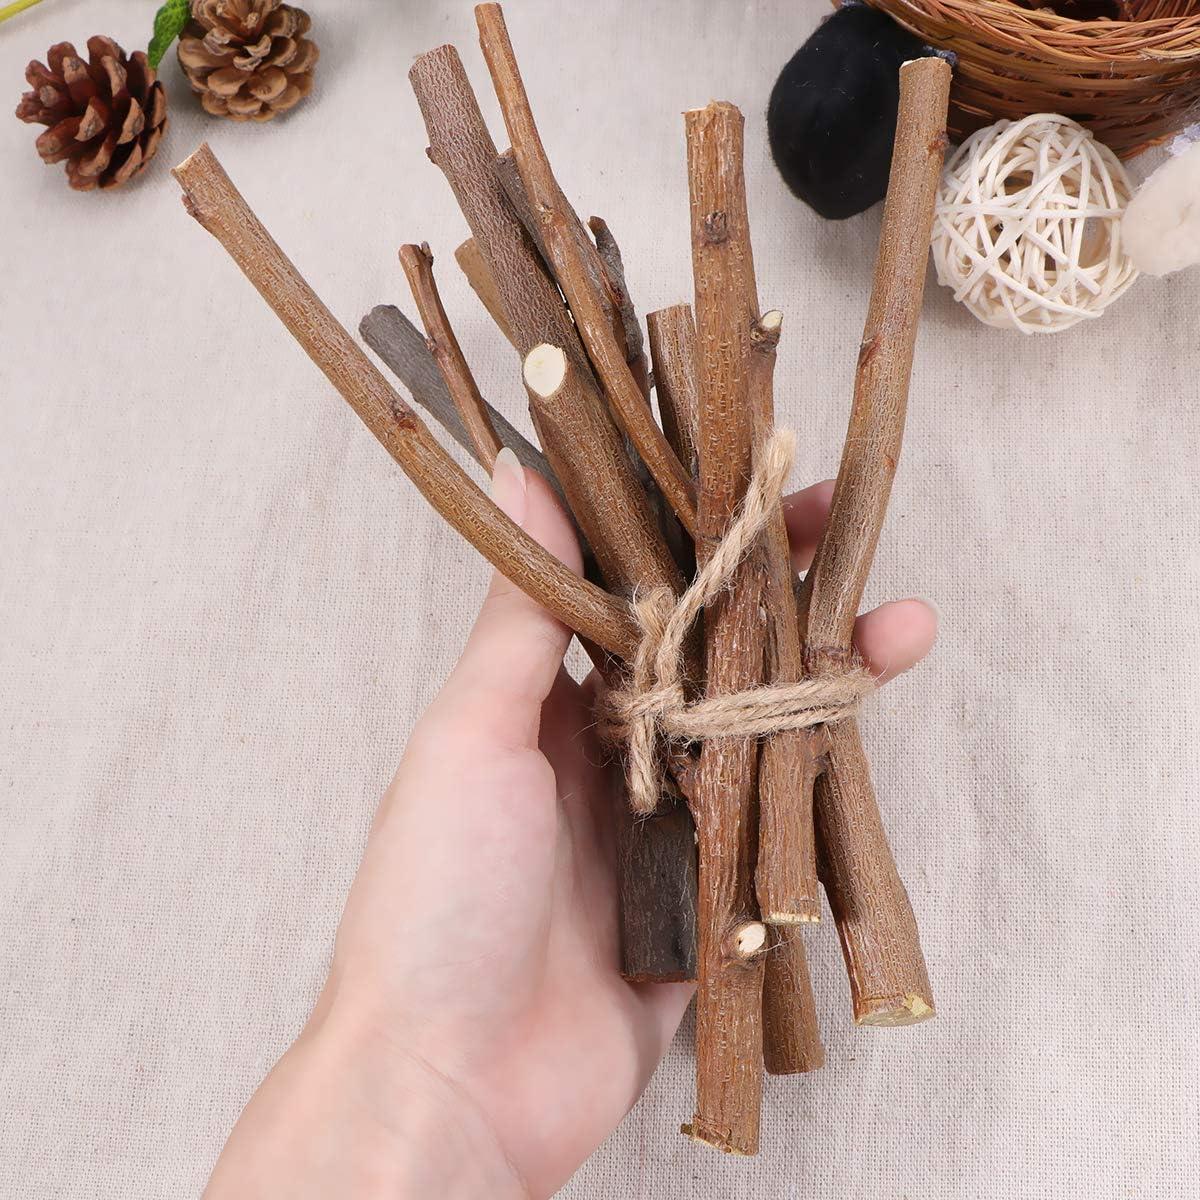 Holibanna ramas de abedul ramitas de abedul naturales centros de mesa artesanales decorativos palos de madera secos accesorios de fotos art/ísticas 15 cm